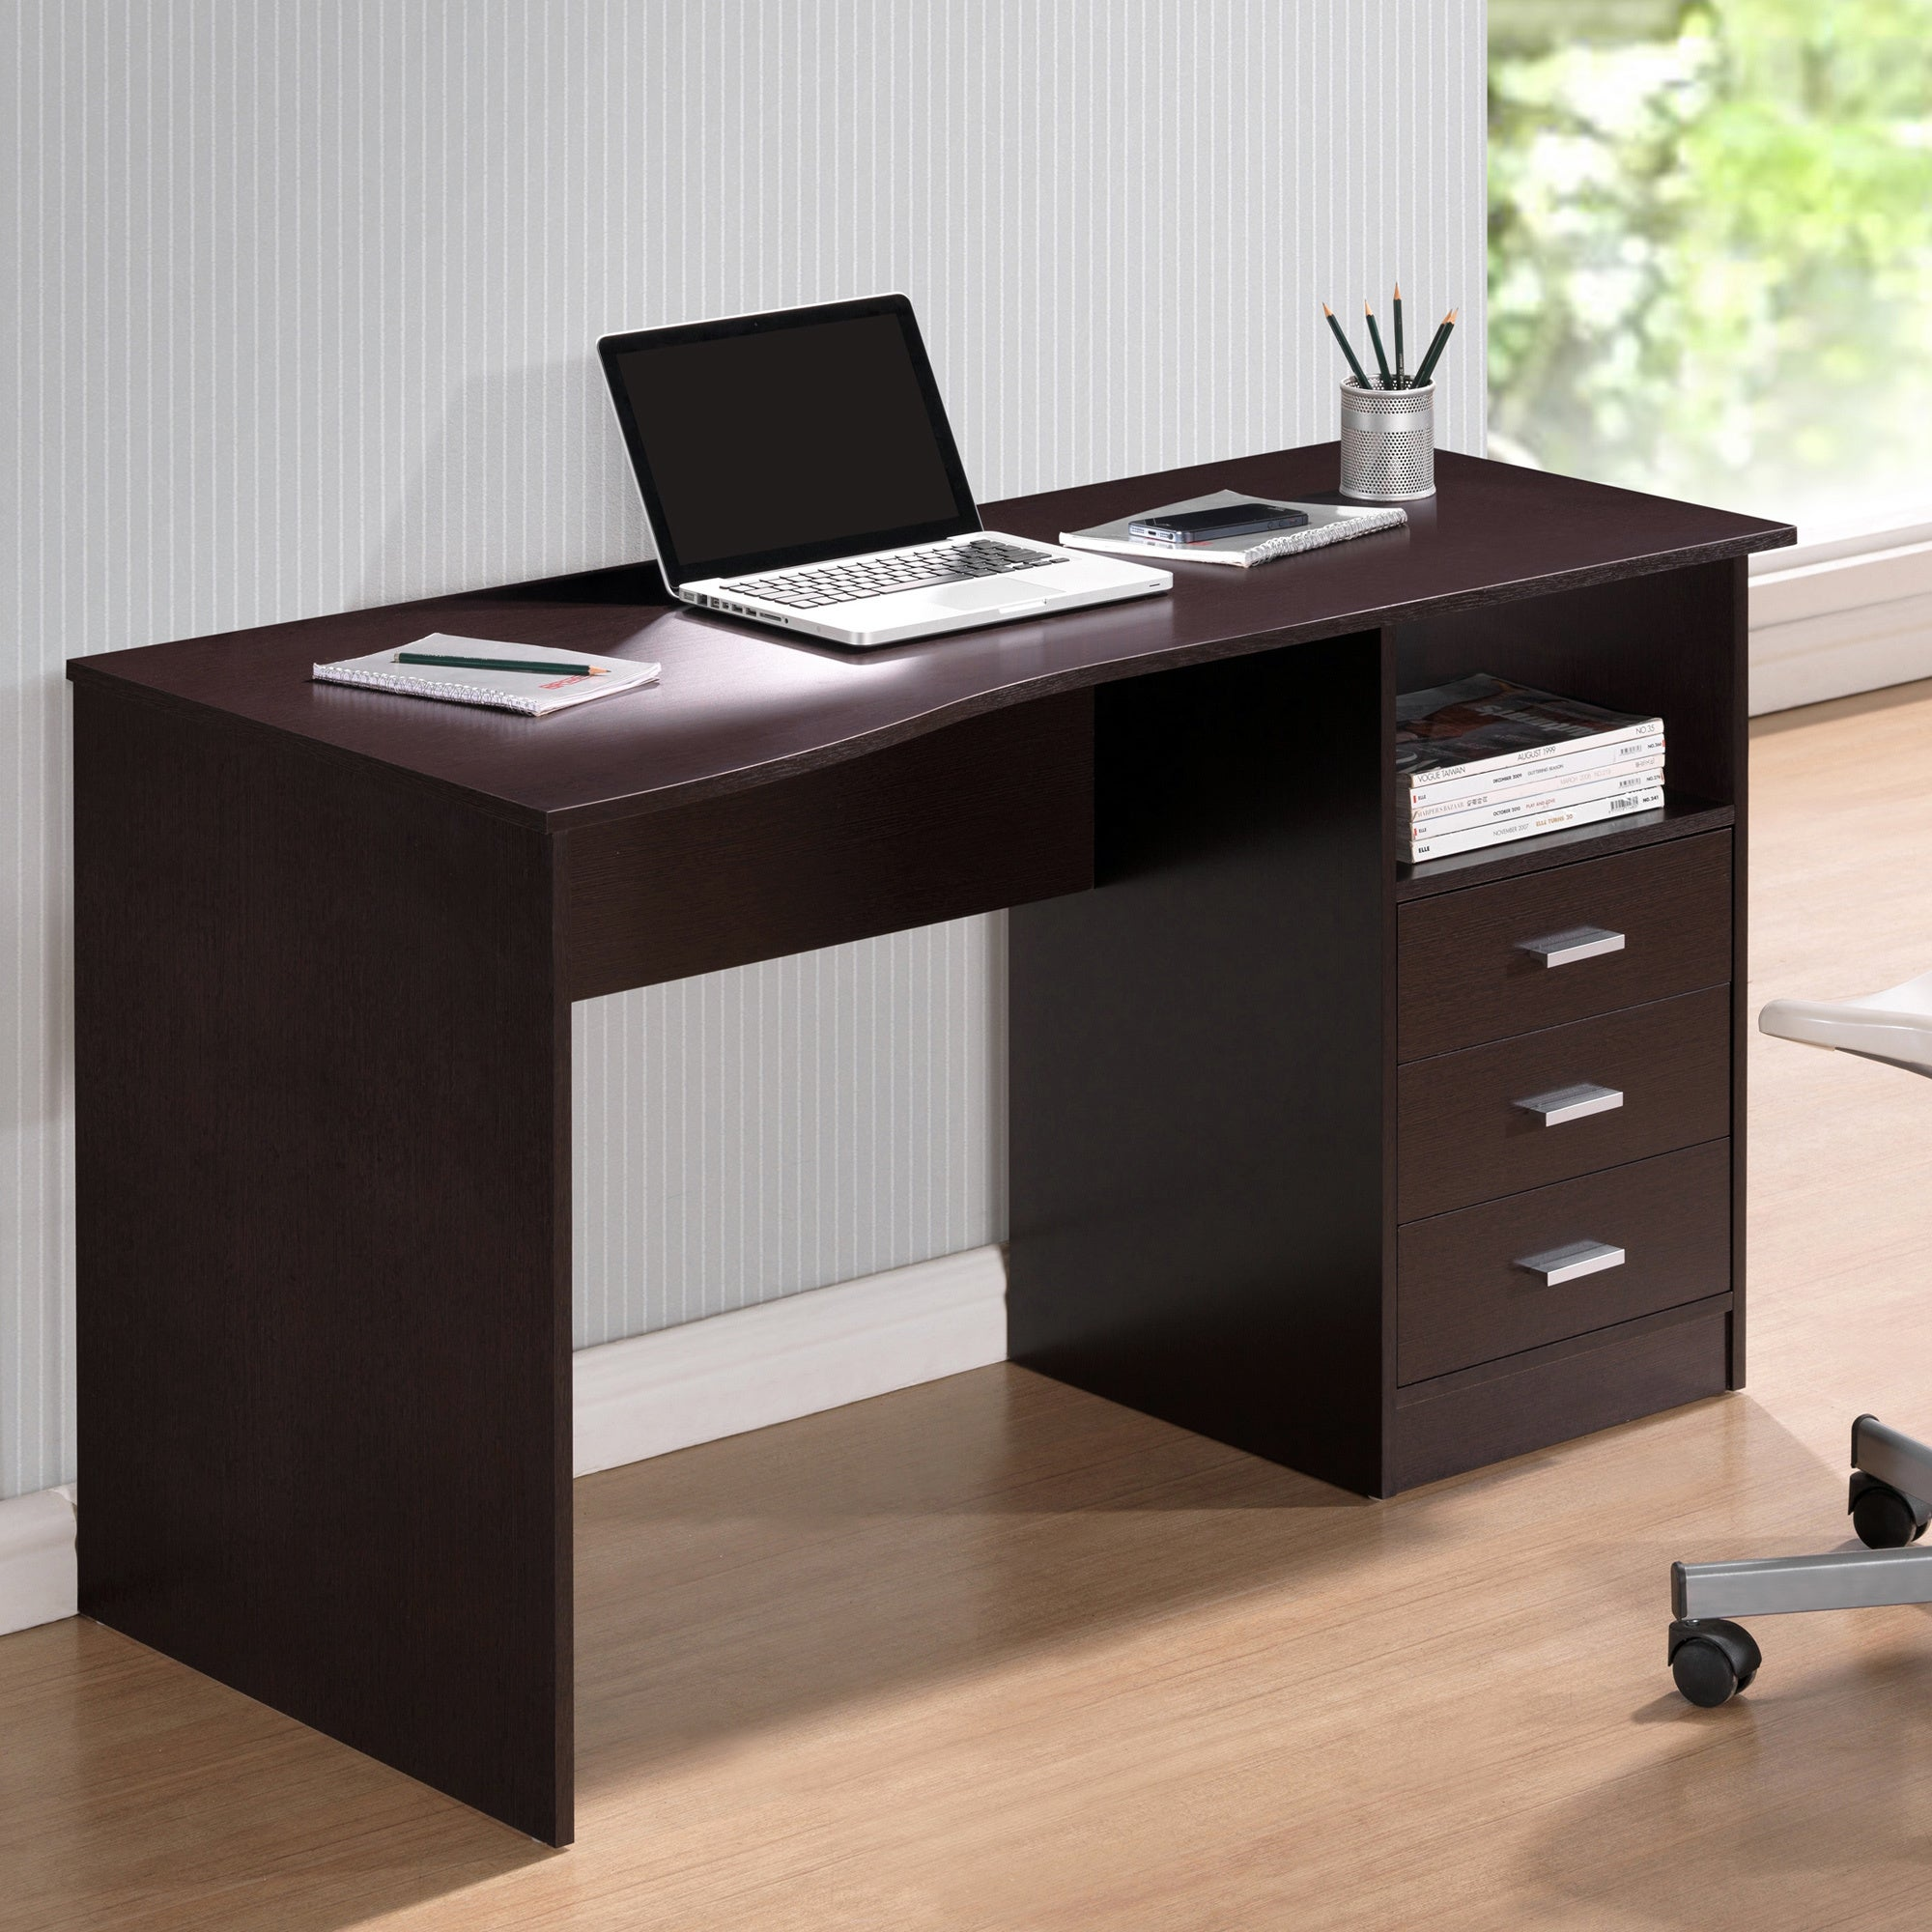 Modern Designs Clic 3 Drawer Computer Desk